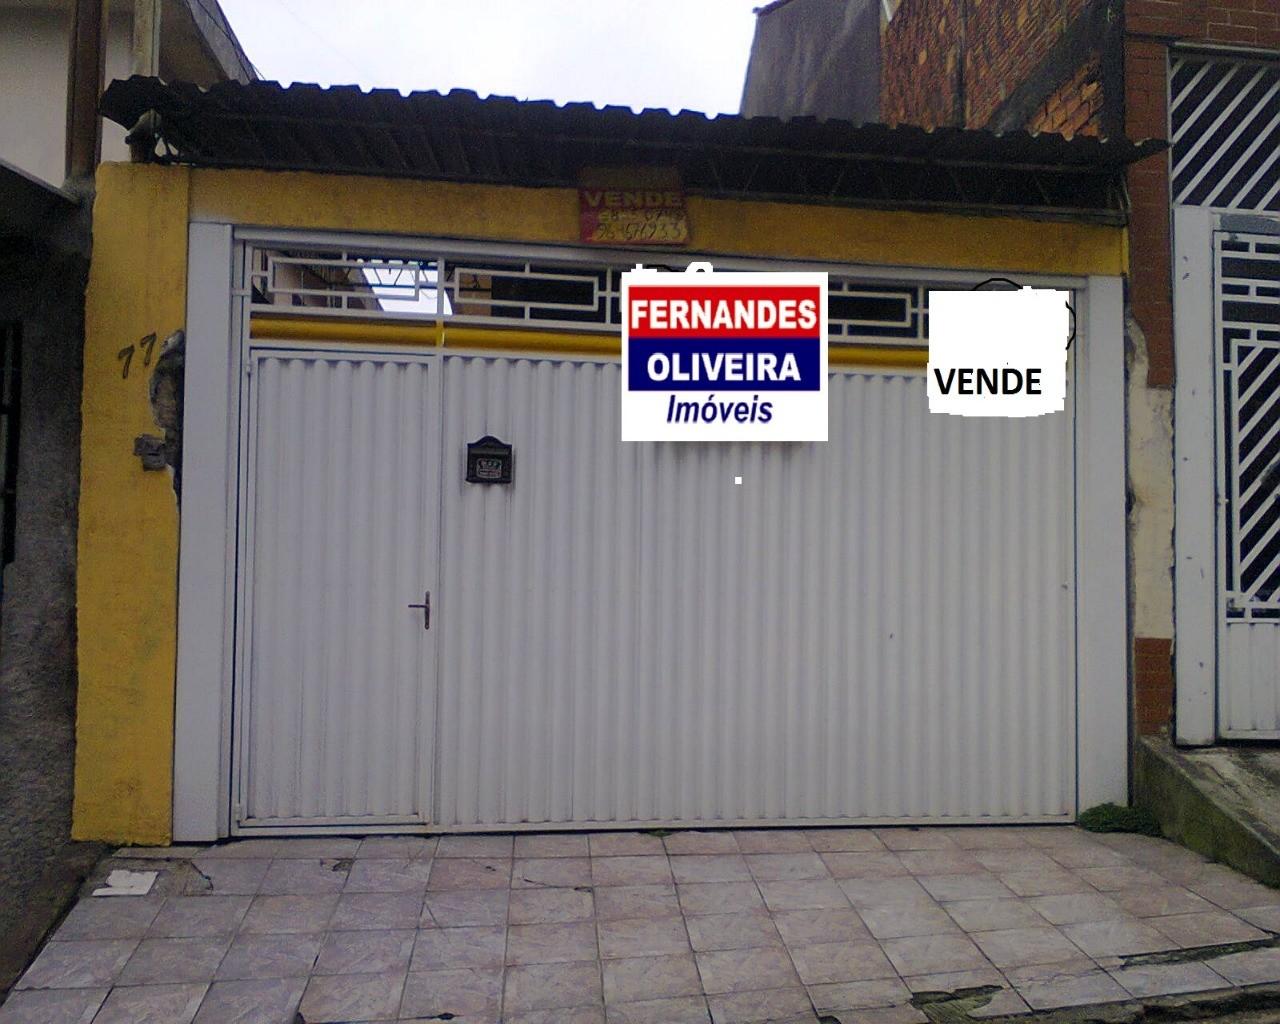 jardim ipe imobiliaria:Imobiliária em São Paulo – Fernandes Oliveira Empreendimentos